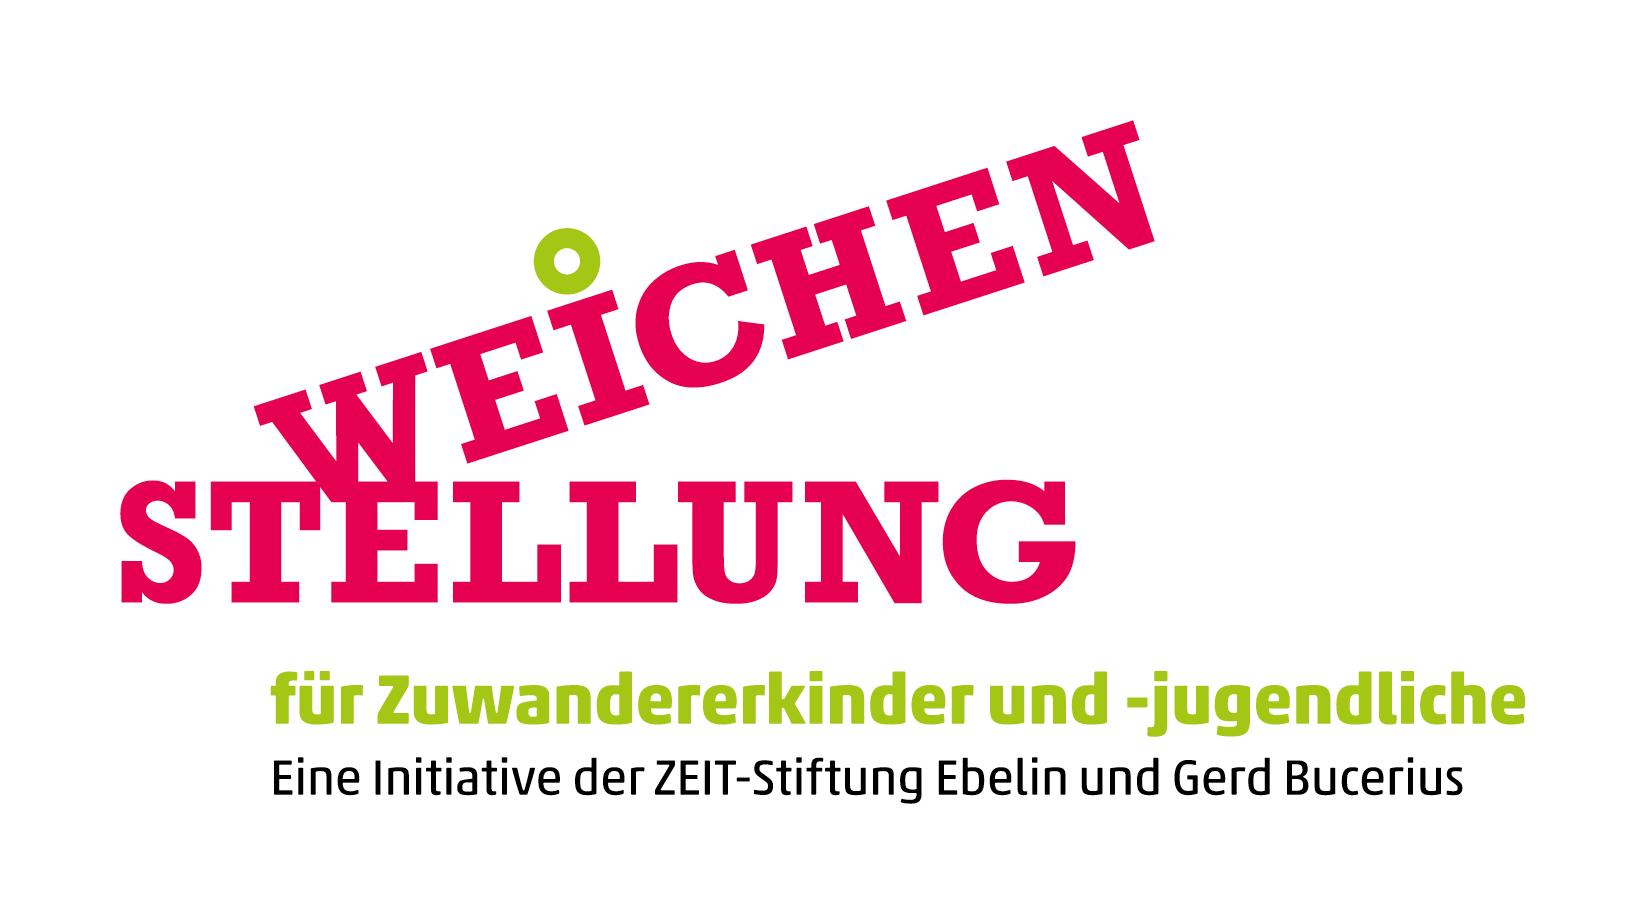 WEICHENSTELLUNG für Zuwandererkinder und -jugendliche an der Goethe-Universität Frankfurt am Main (GU)